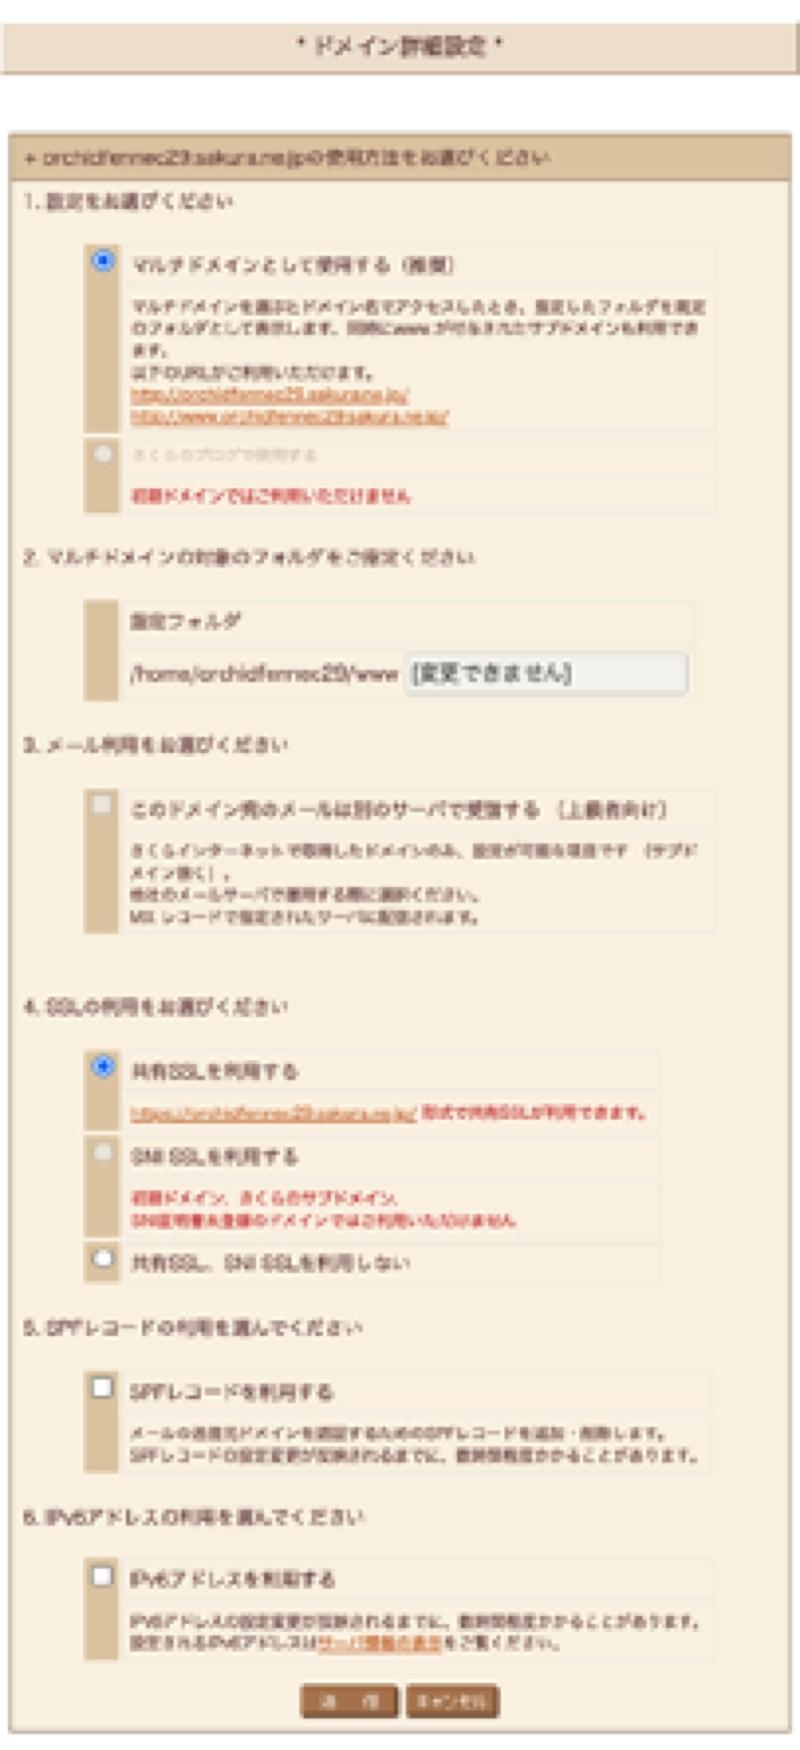 さくらインターネットワードプレス複数登録の方法